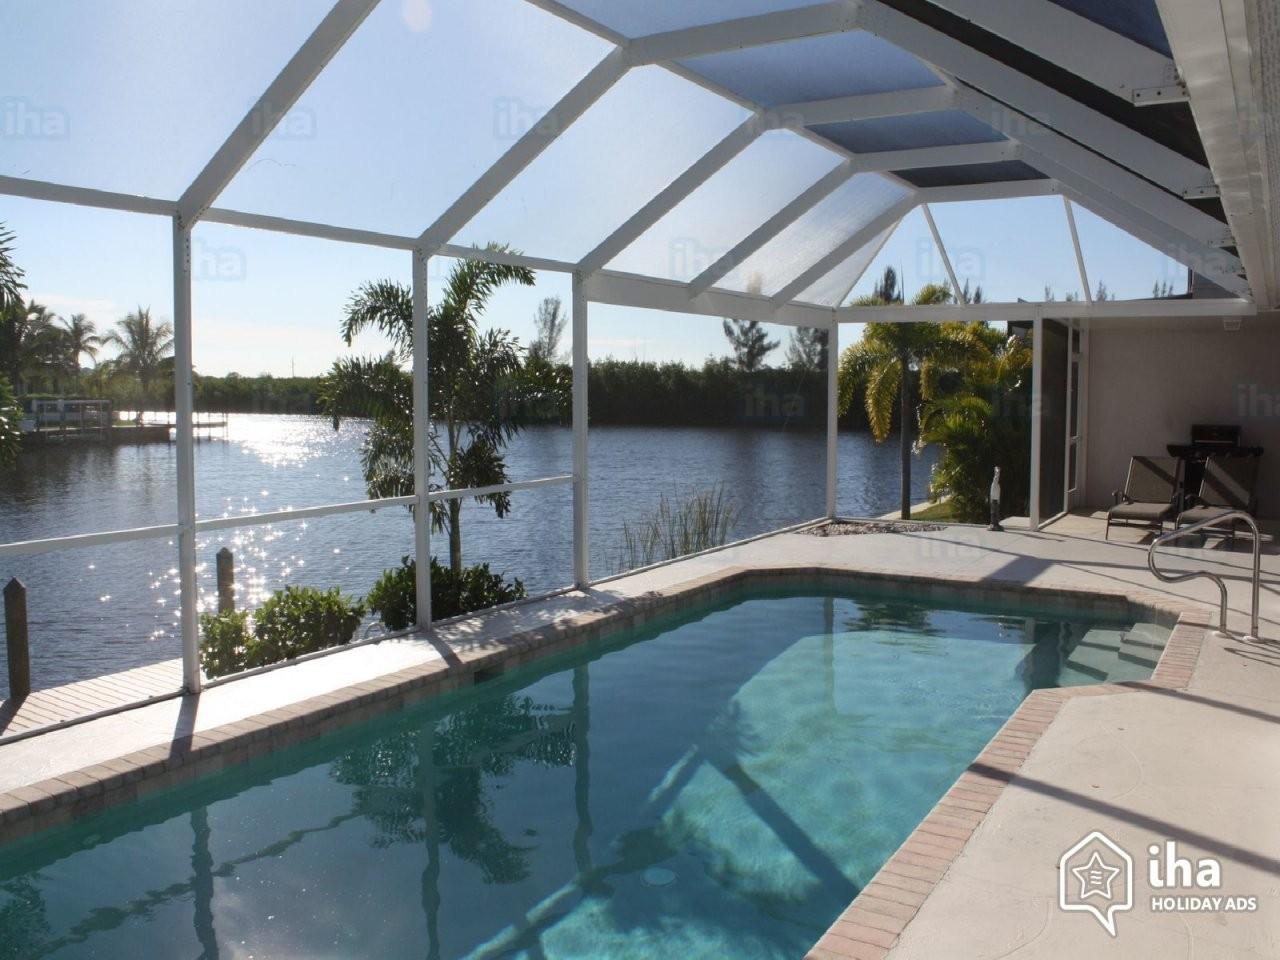 Vermietung Fort Myers In Ein Ferienhaus Mieten Für Ihre Ferien von Fort Myers Haus Mieten Photo